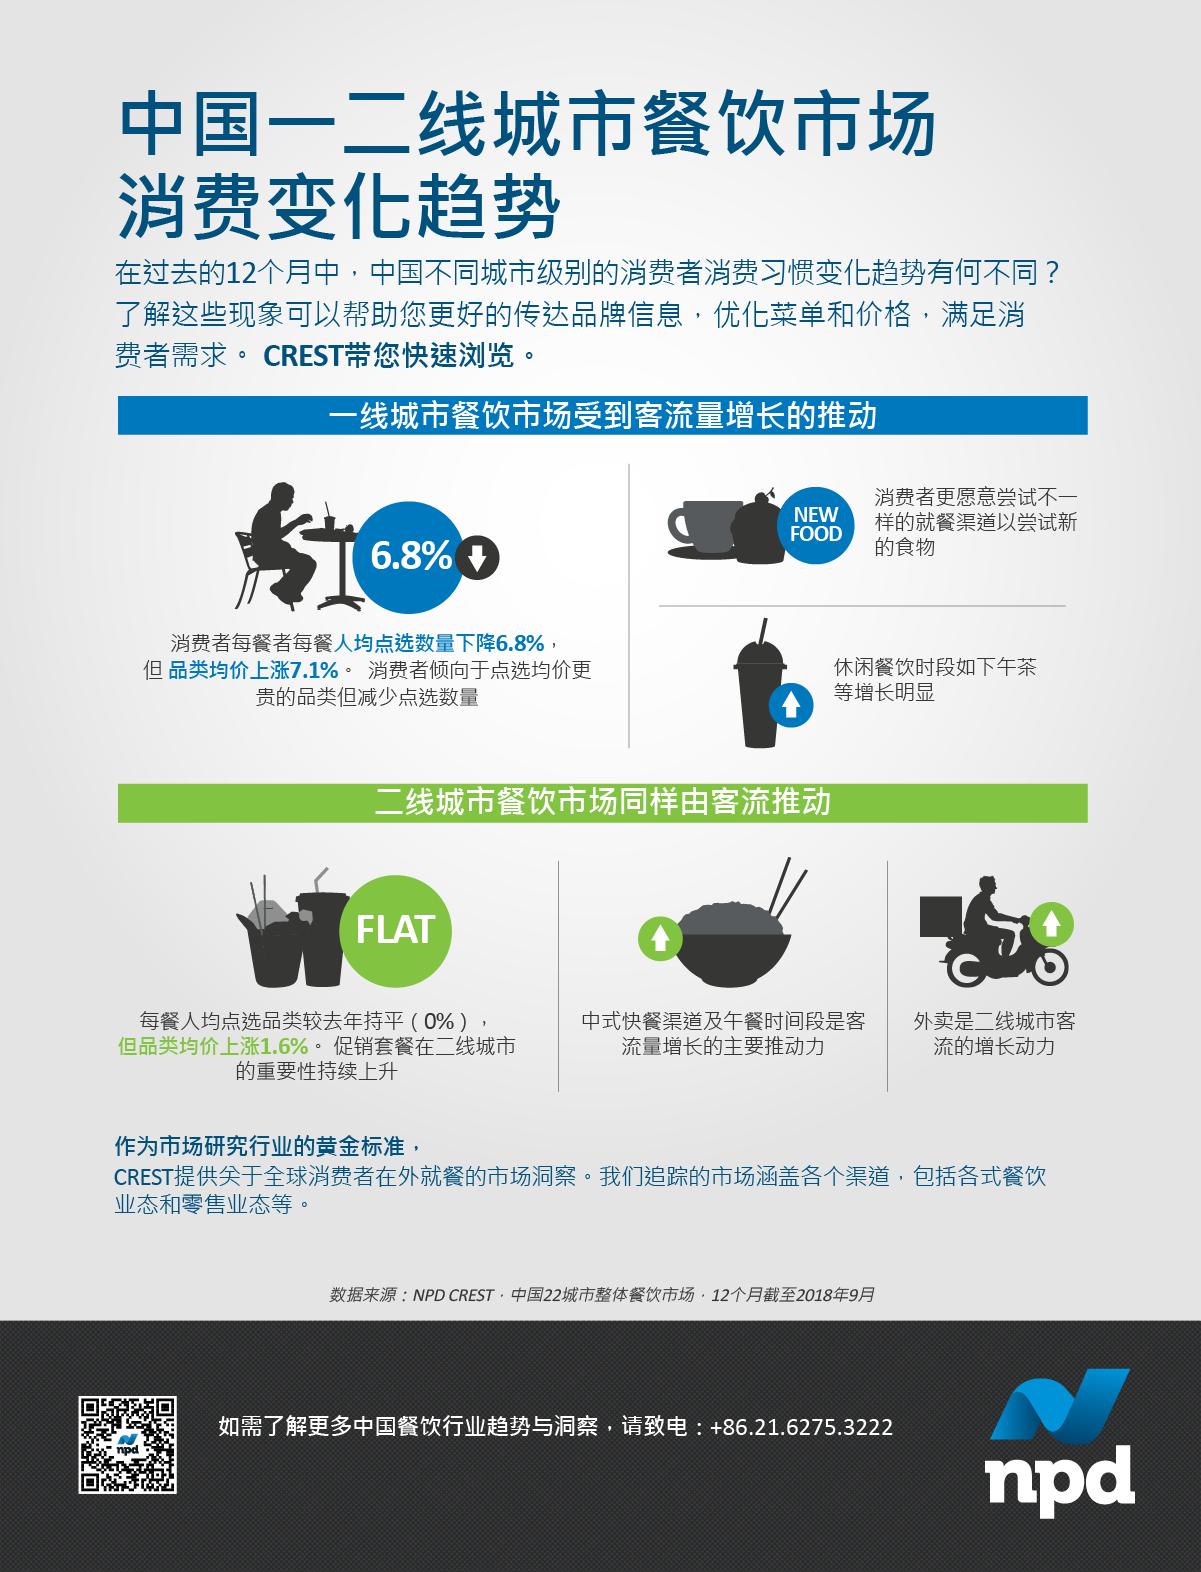 带您快速浏览中国不同城市级别消费者的消费习惯变化趋势。